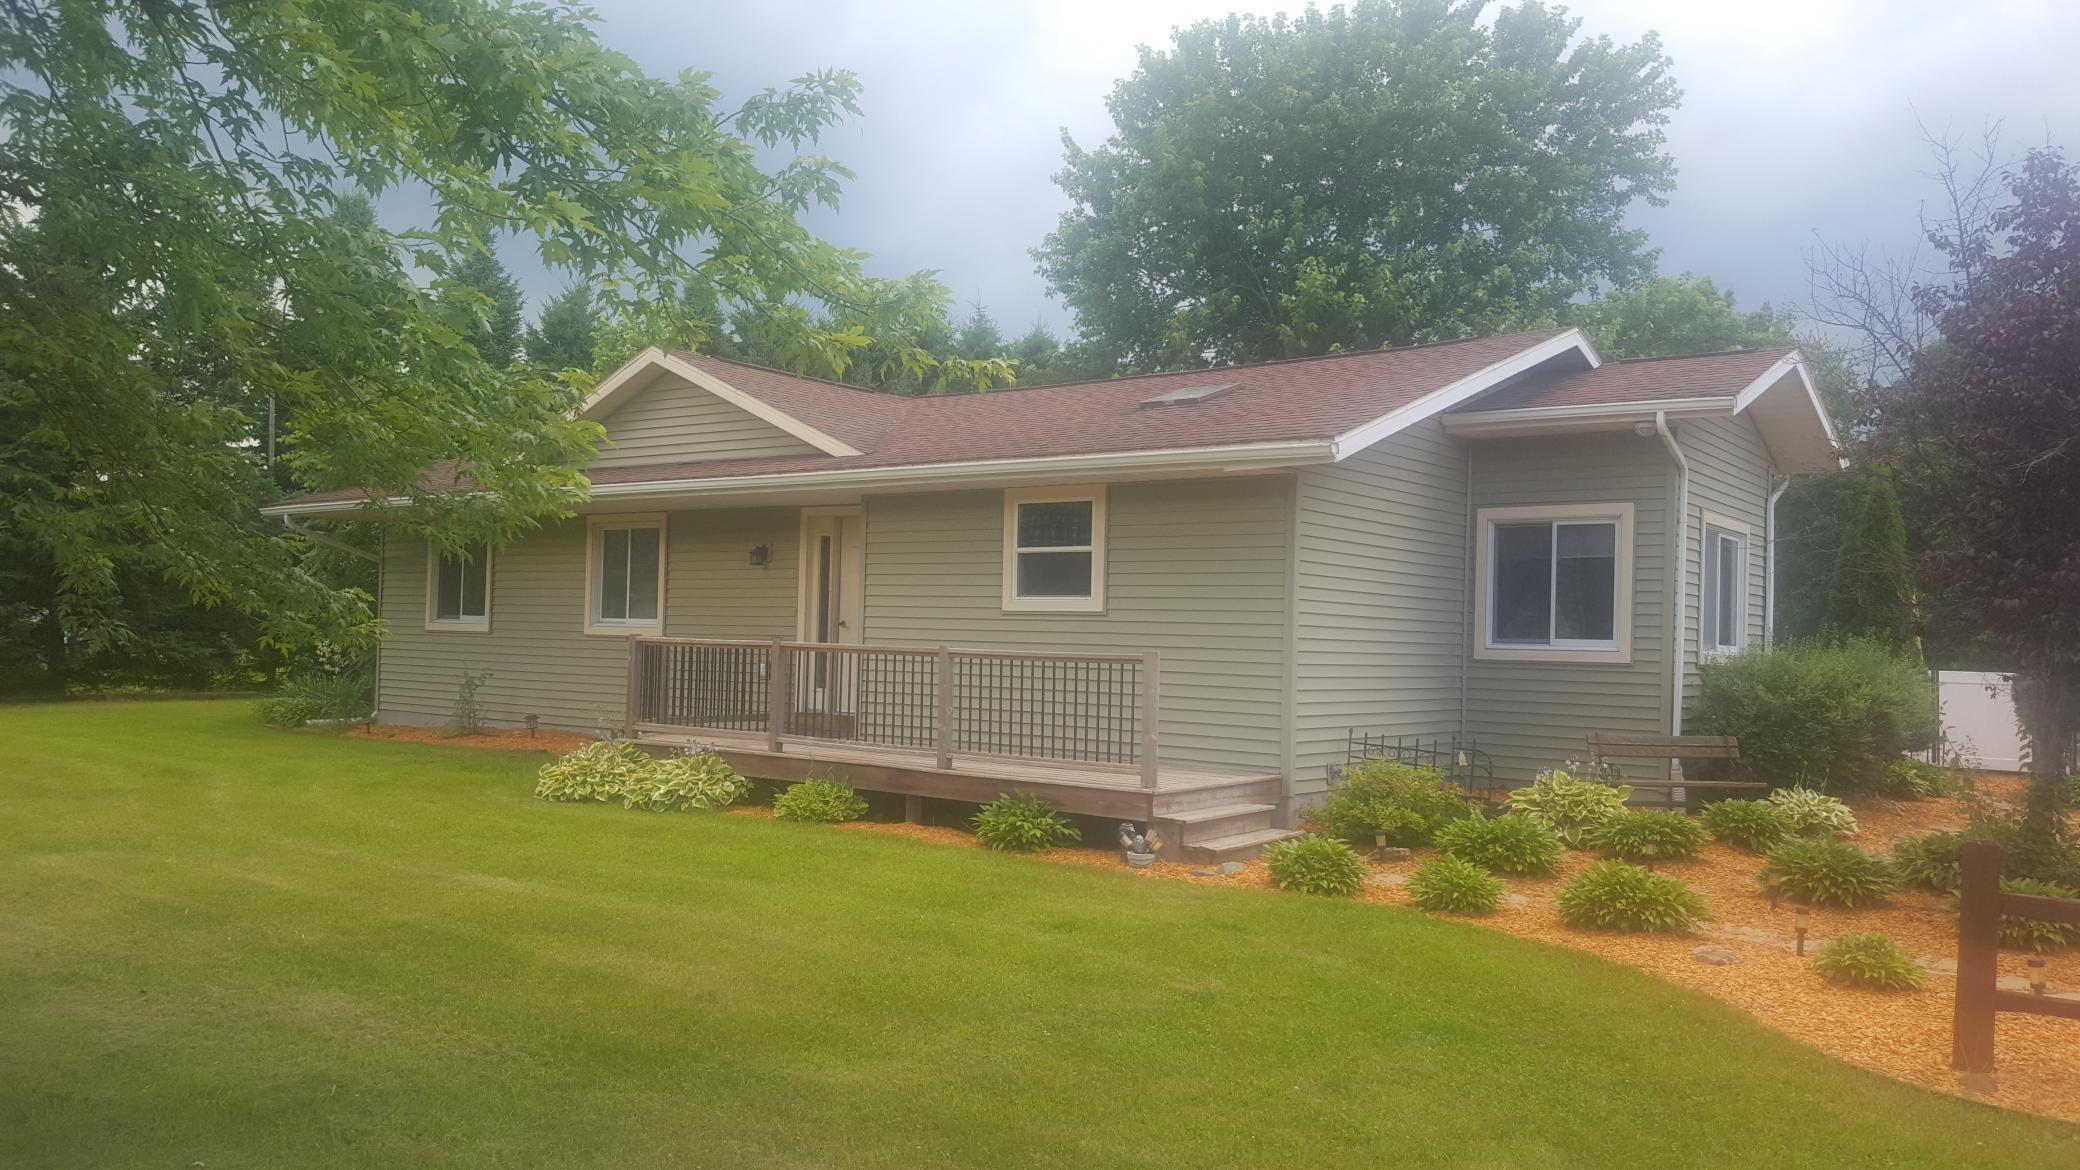 W8096 County Rd Z Property Photo